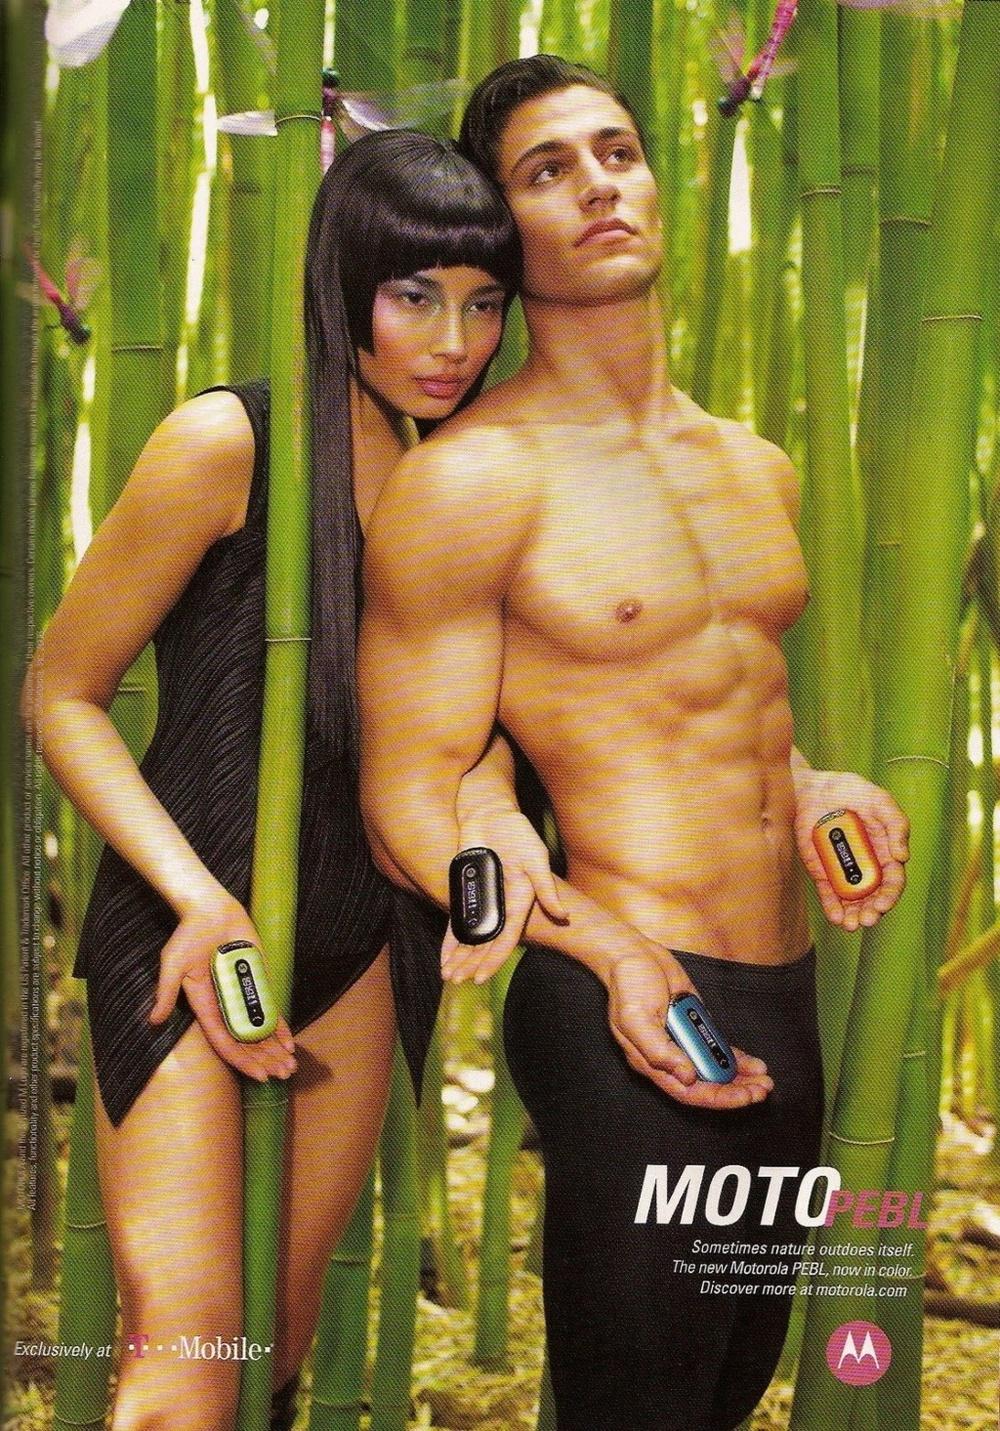 Fig. 22 - Motorola ad (2005)